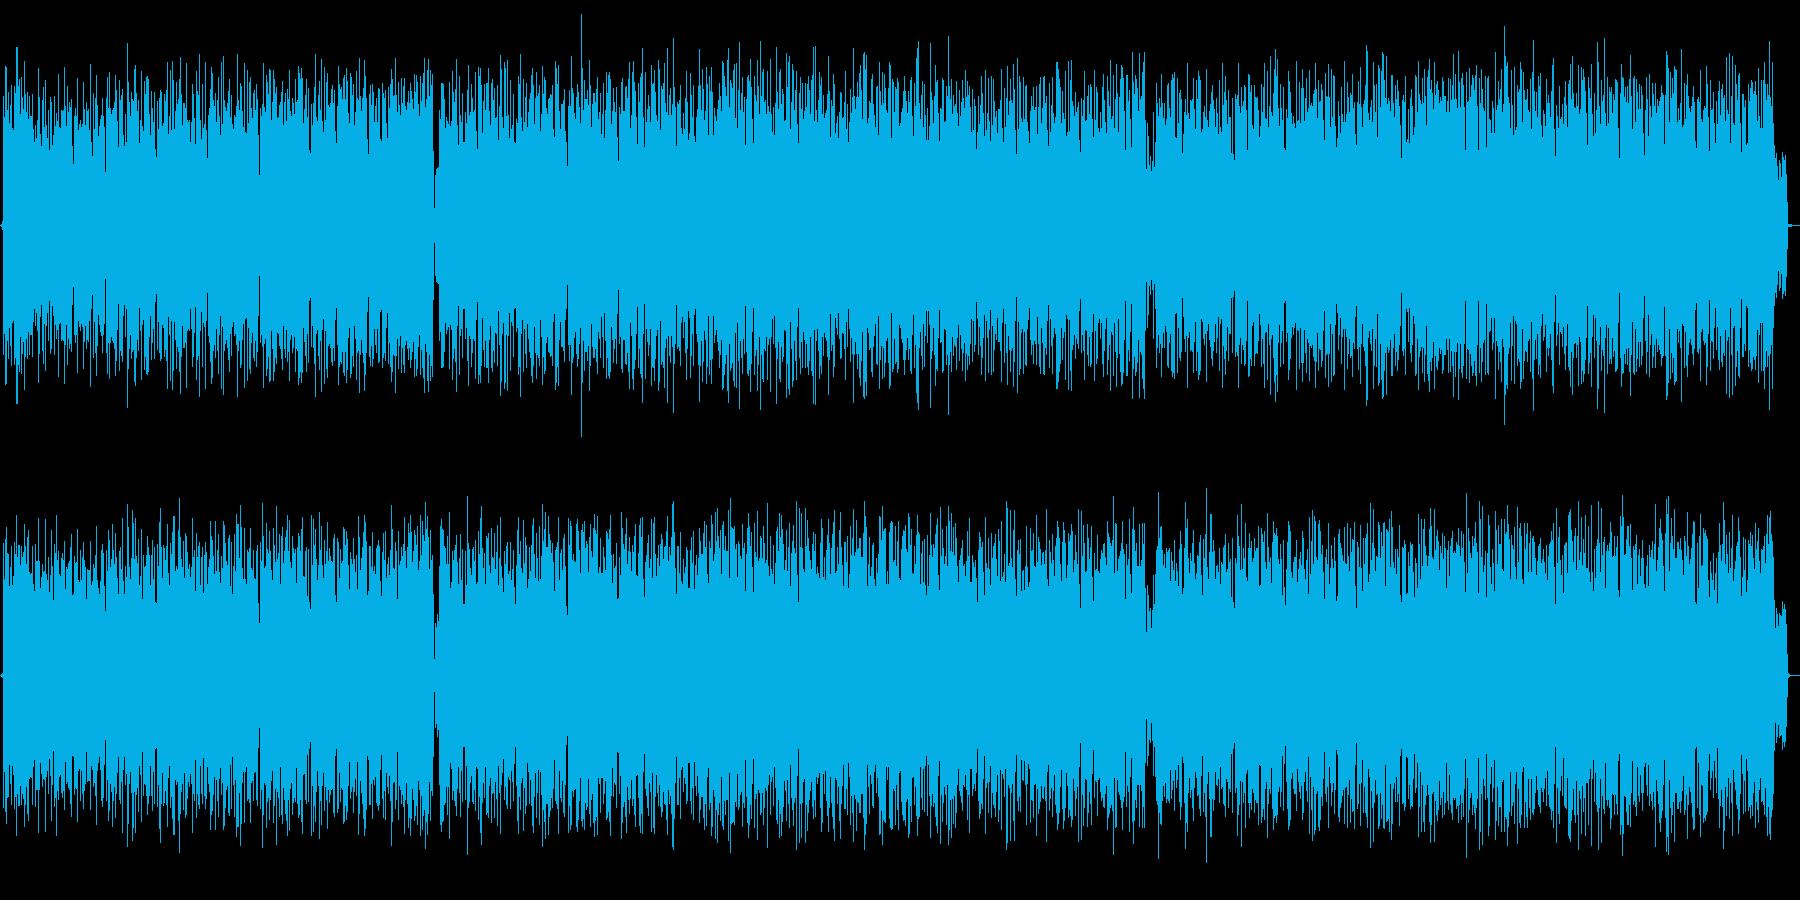 ロック 日本語 男声ボーカルの再生済みの波形